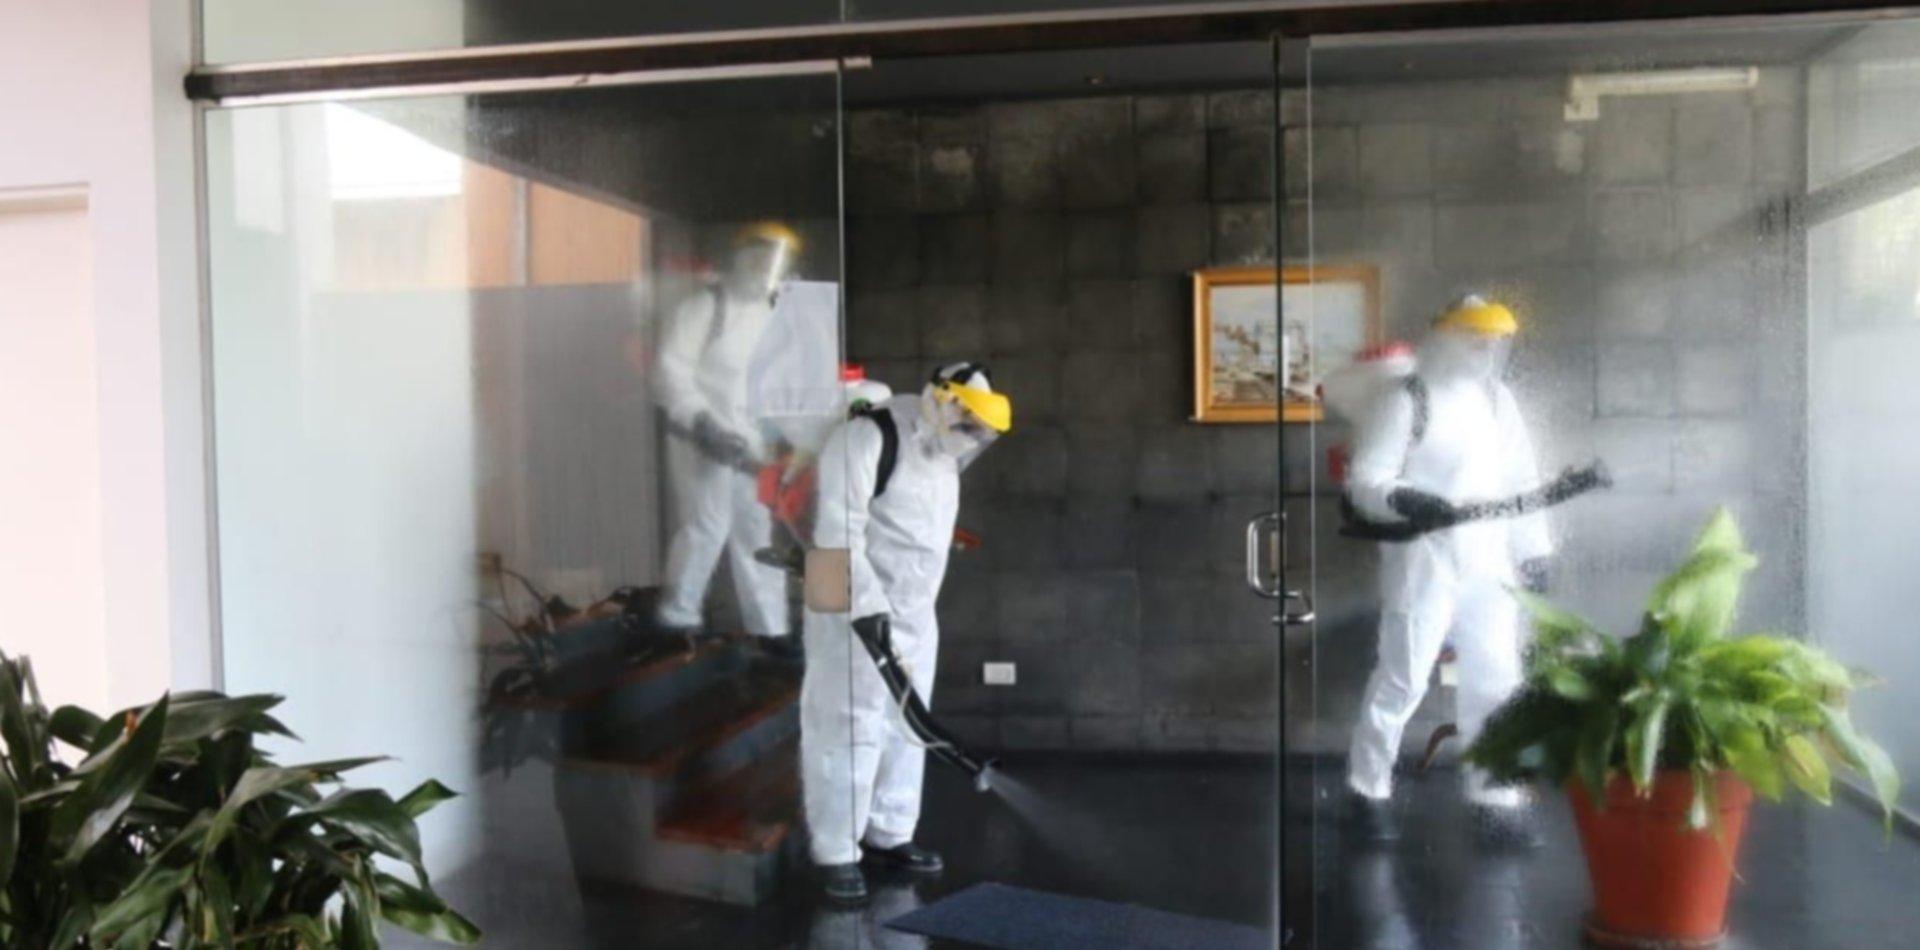 Realizan un operativo de desinfección en un edificio de La Plata tras un caso positivo